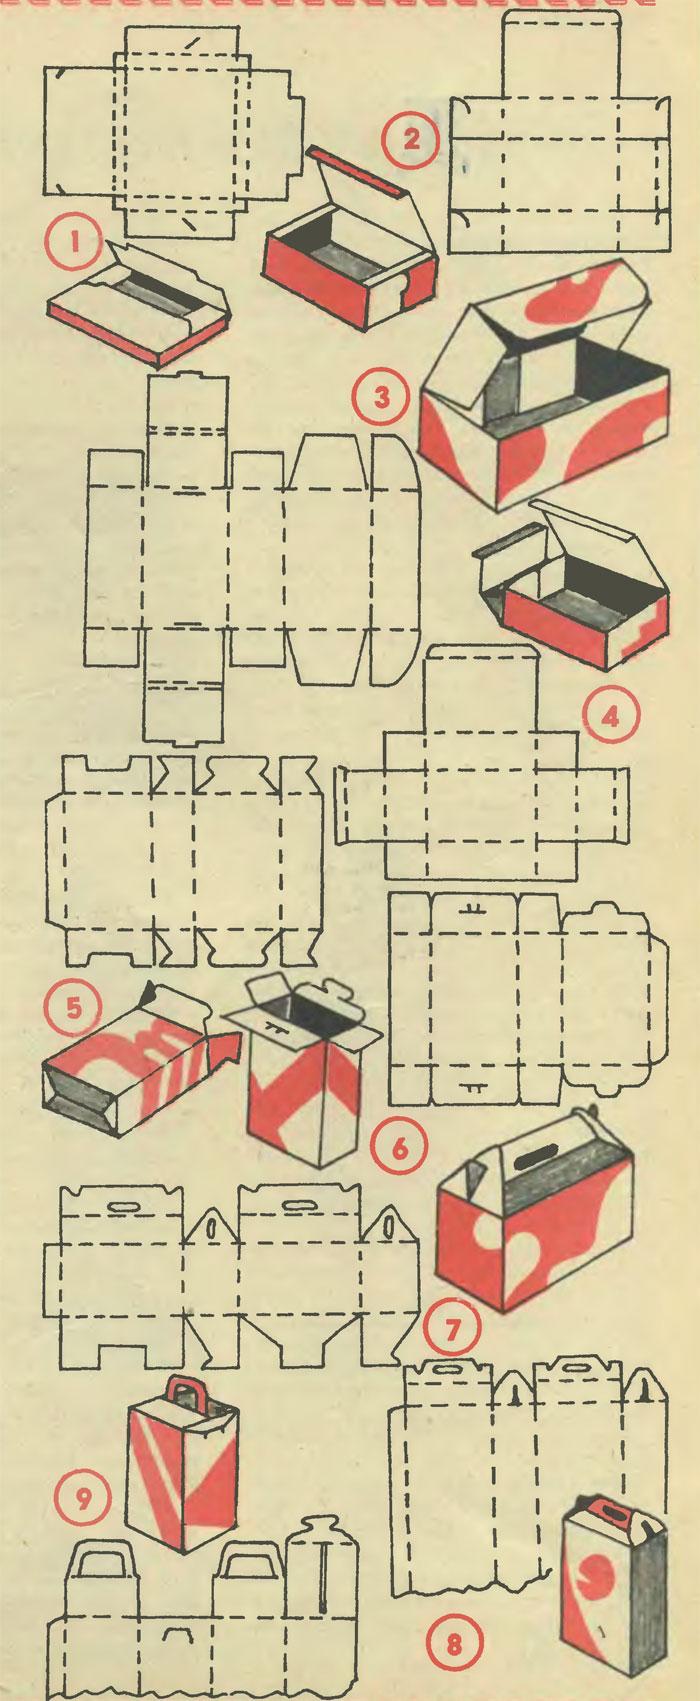 Поделки из картона - популярные идеи на фото. Инструкция как 61